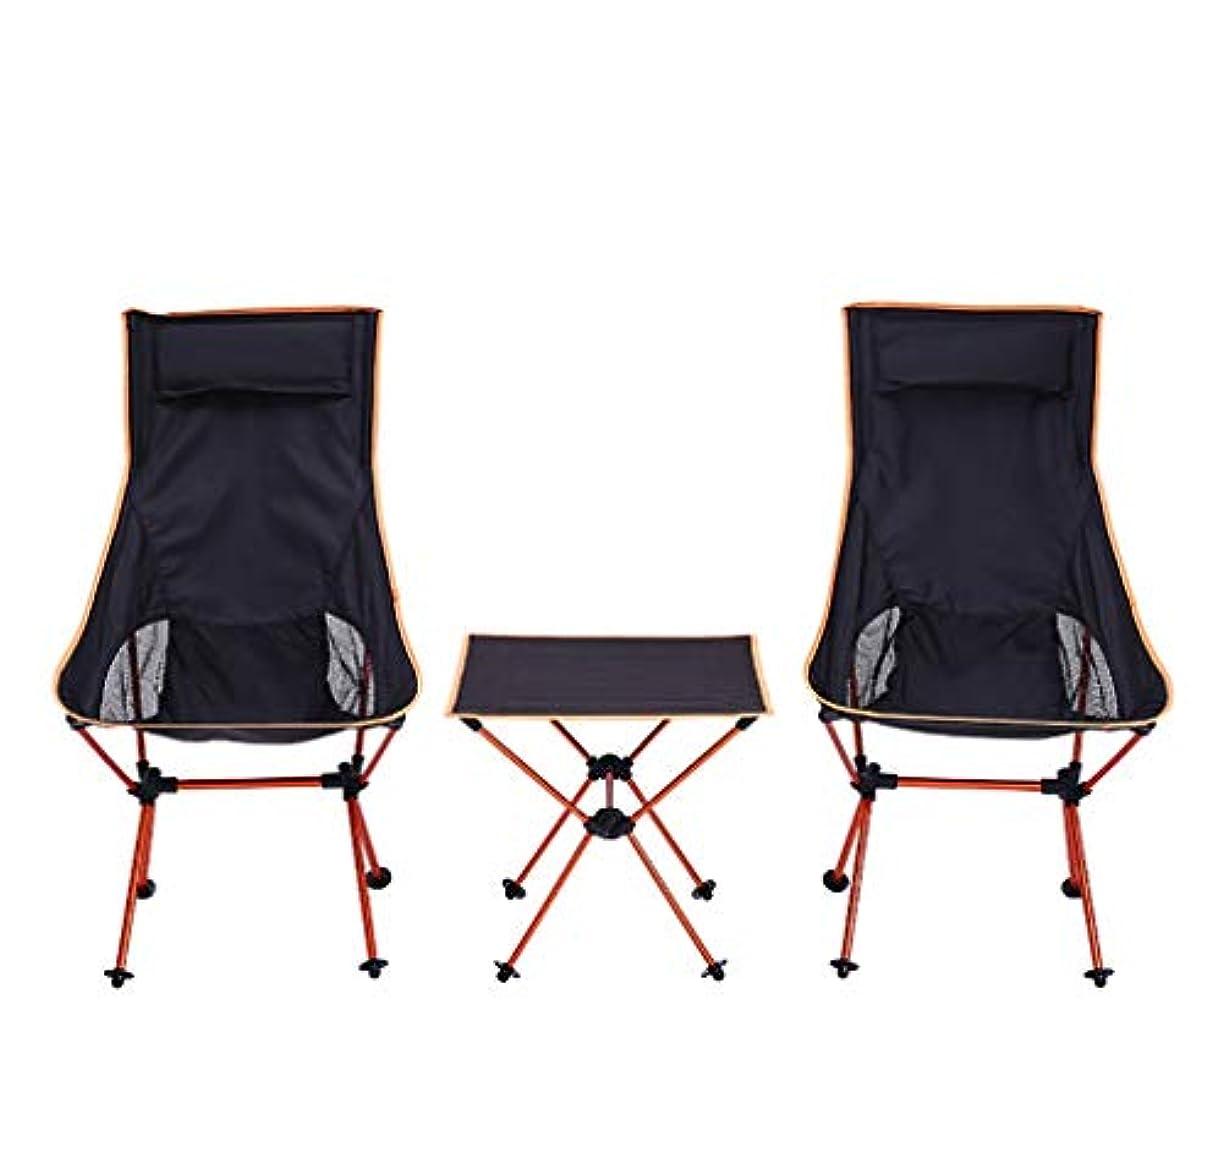 バスト持つ排除するチェア?ベンチ 屋外のキャンプチェア、ポータブル折りたたみテーブルとヘッドレストの家族と設定された椅子3ピースはキャンプビーチのバックパックに適した150キロをロードすることができます